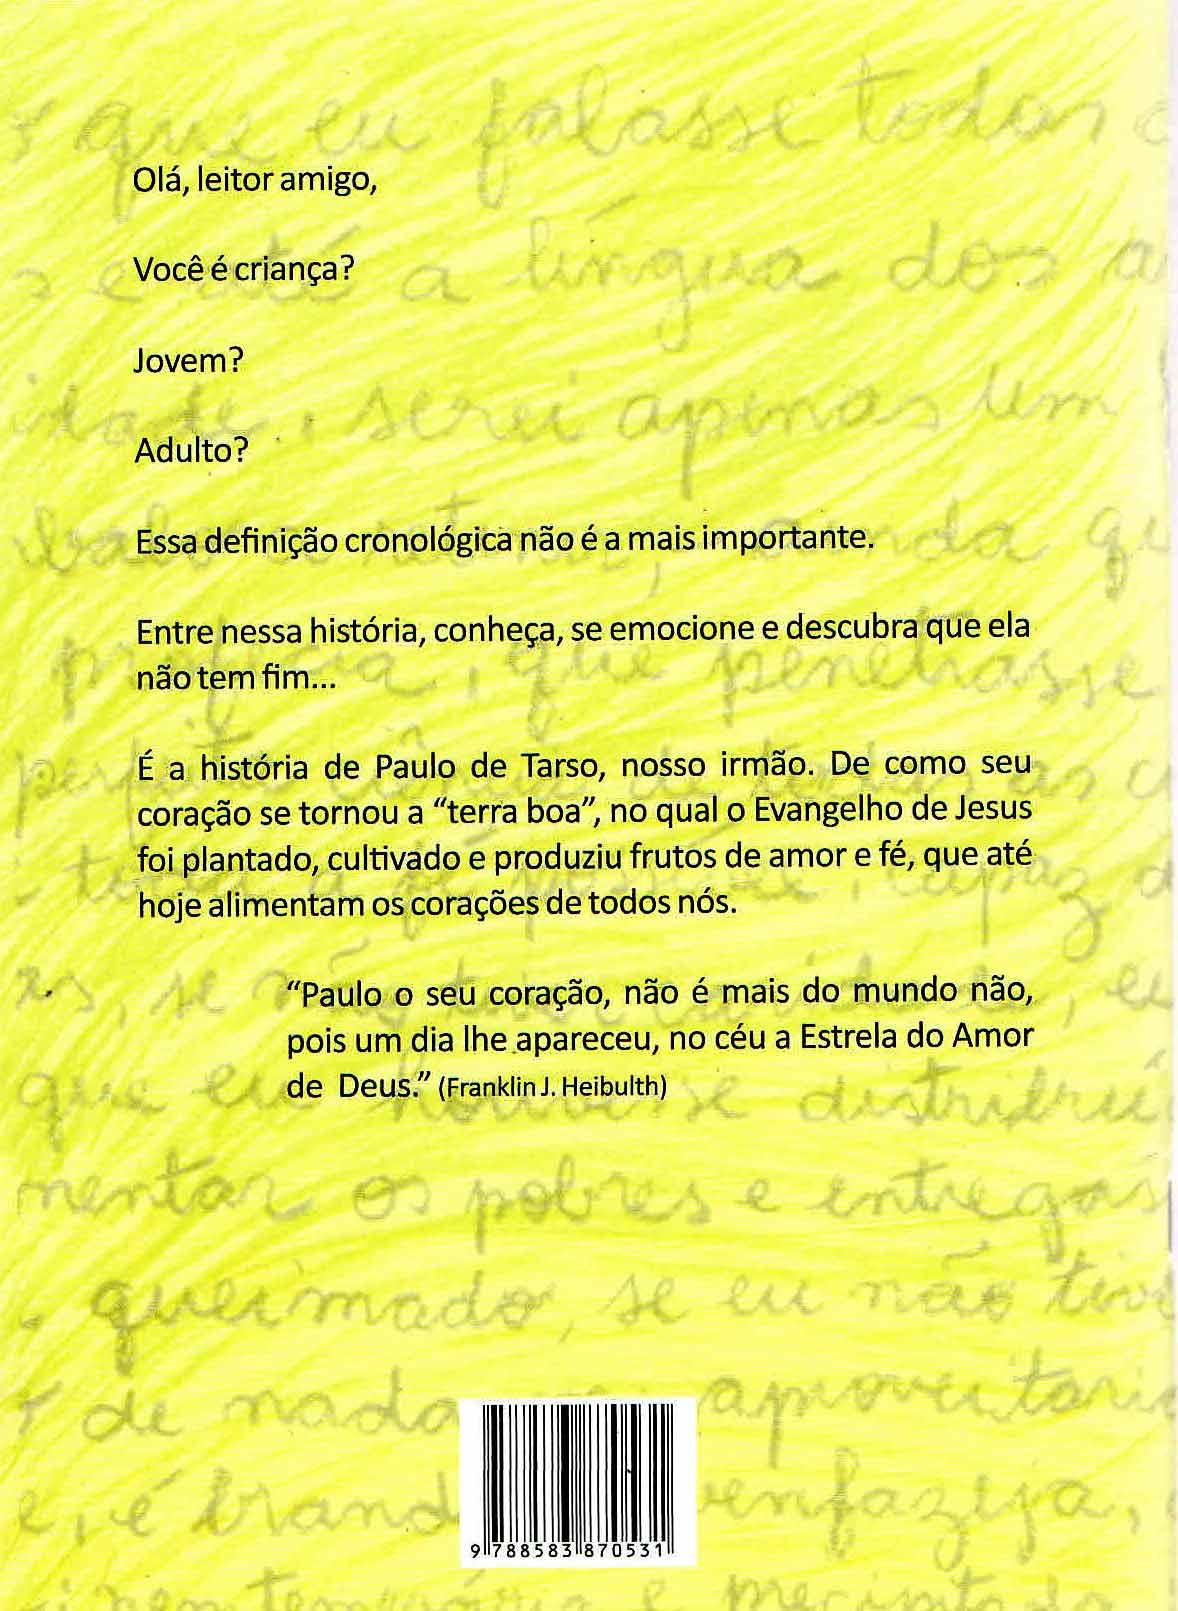 PAULO DE TARSO, A TERRA BOA